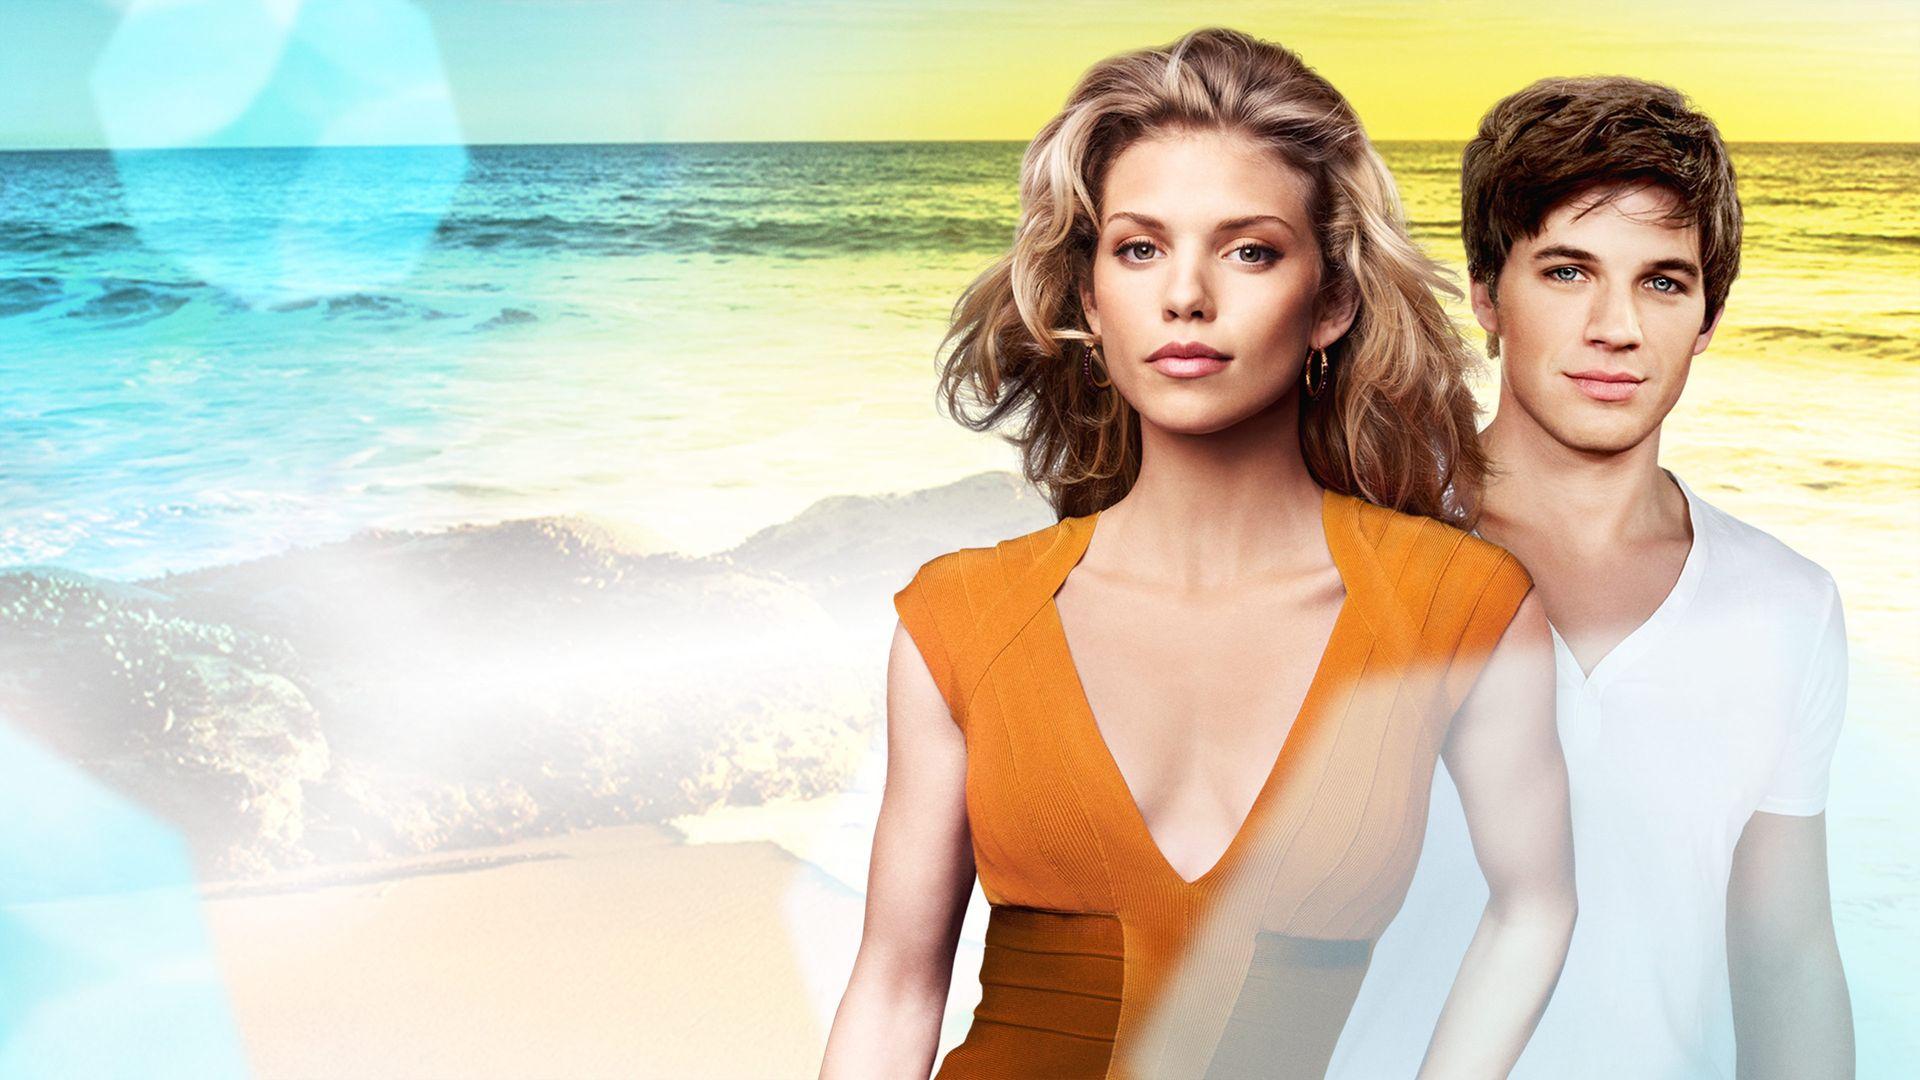 90210 season 4 episode 4 watch online free